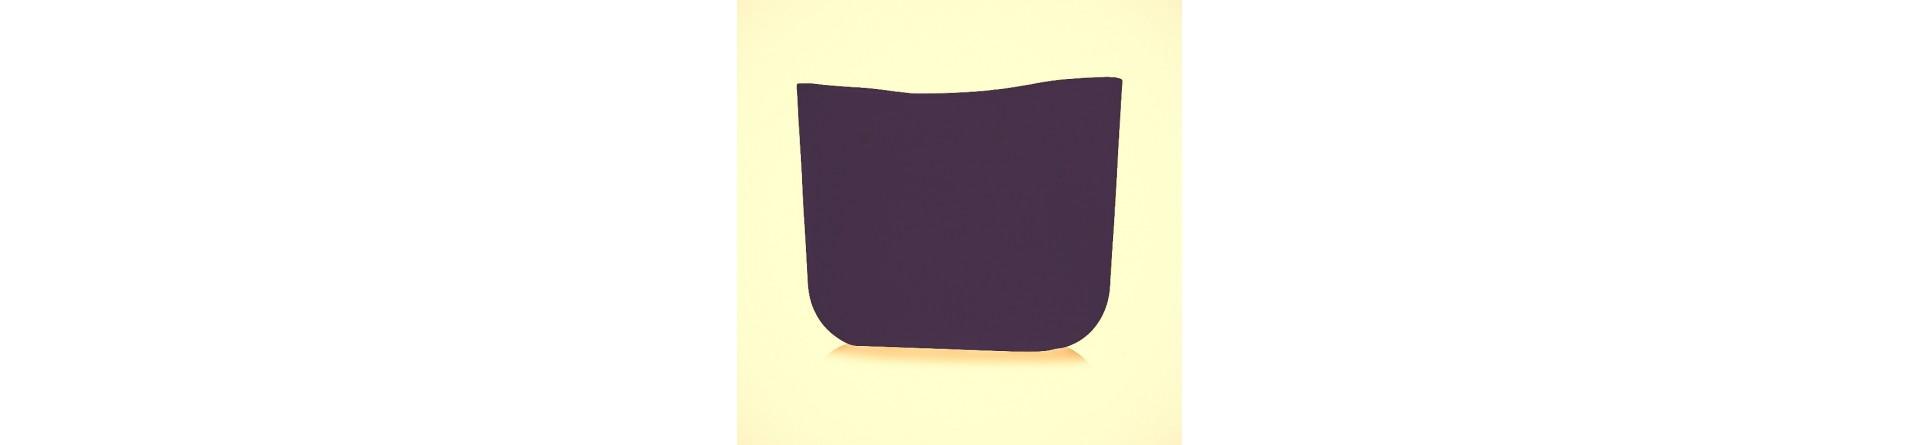 Scocche O Bag | Giuglar Shop